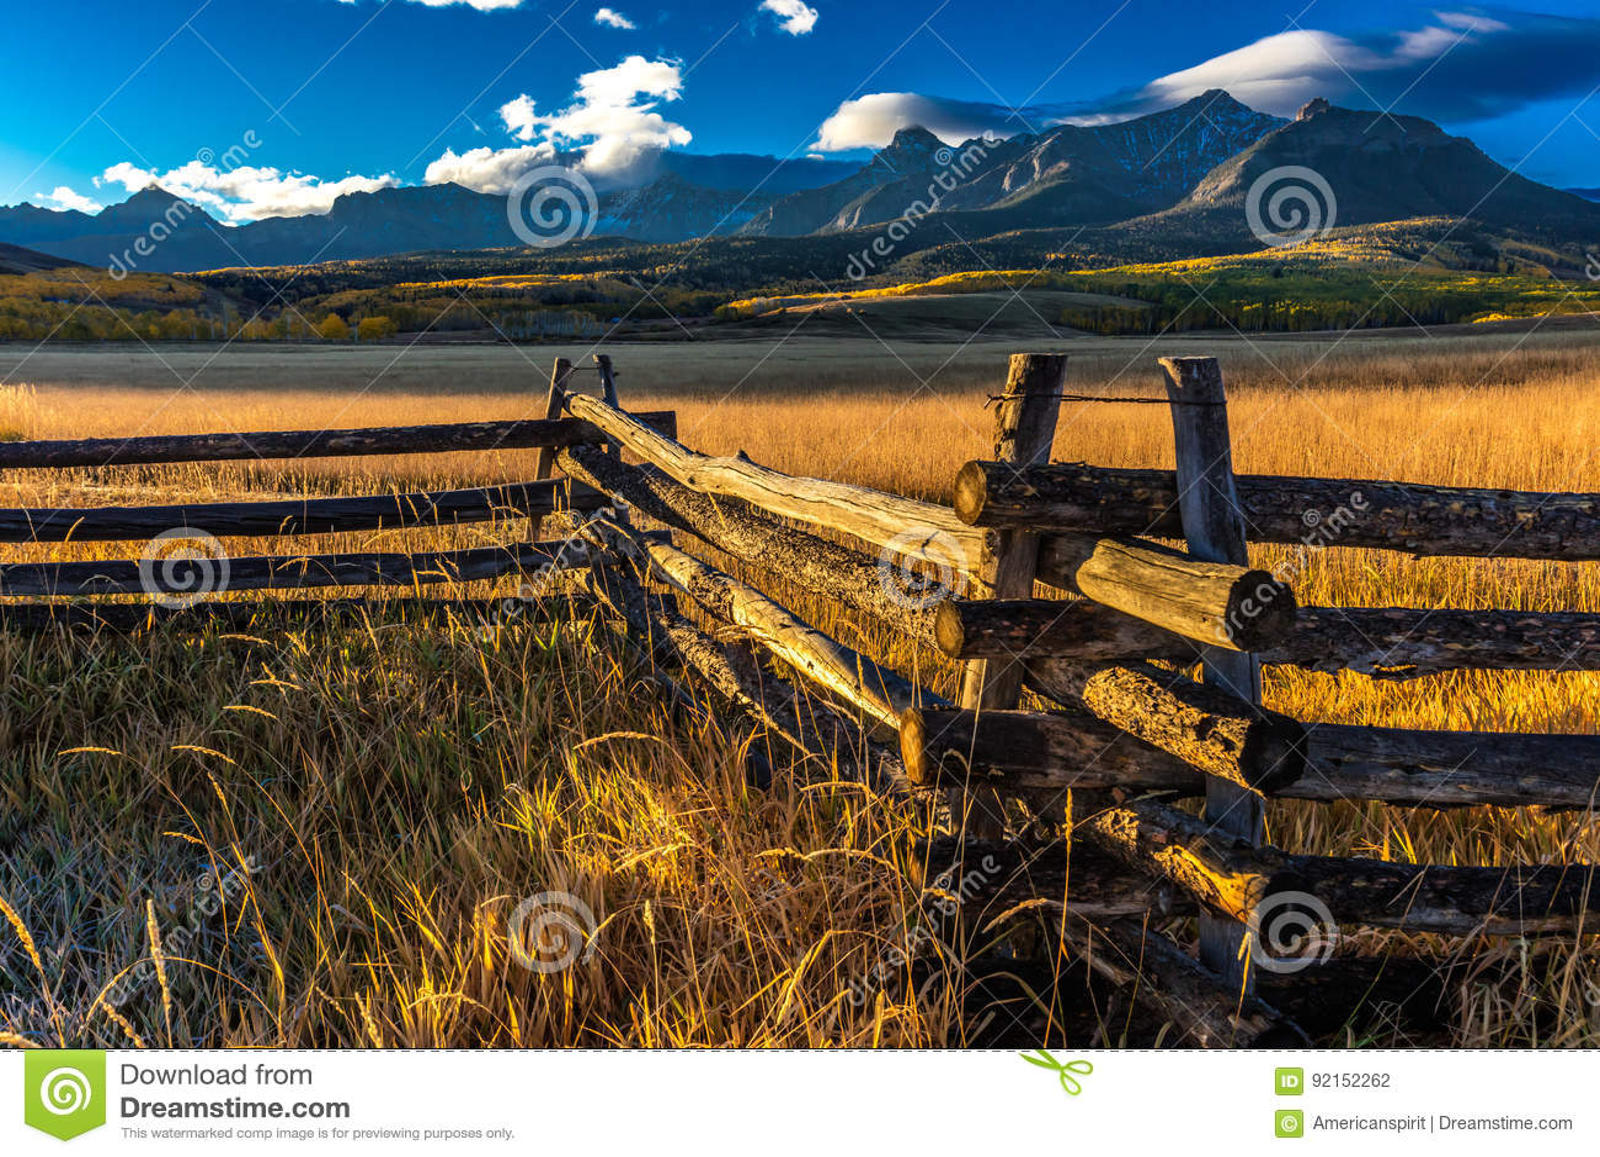 28 de septiembre de 2016 - San Juan Mountains In Autumn, cerca de Ridgway Colorado - de Mesa de Hastings, camino de tierra al tel